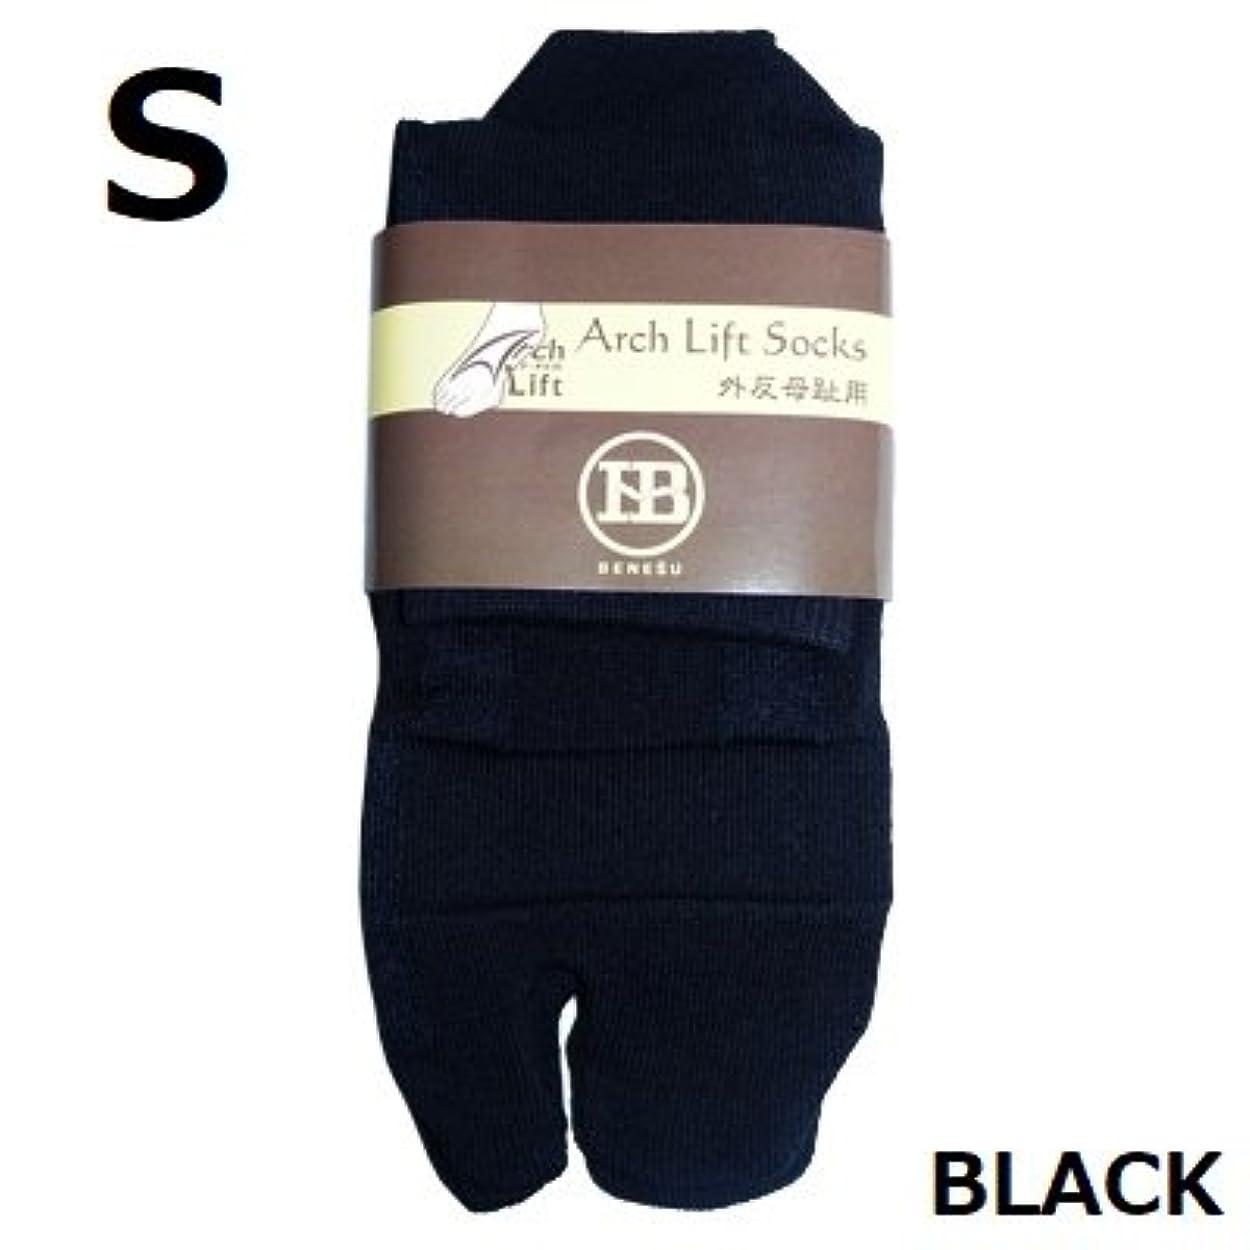 厚い苦悩ファセットアーチライフソックス 外反母趾 テーピング加工靴下 サポーター(カラー:黒色)(サイズ:S)